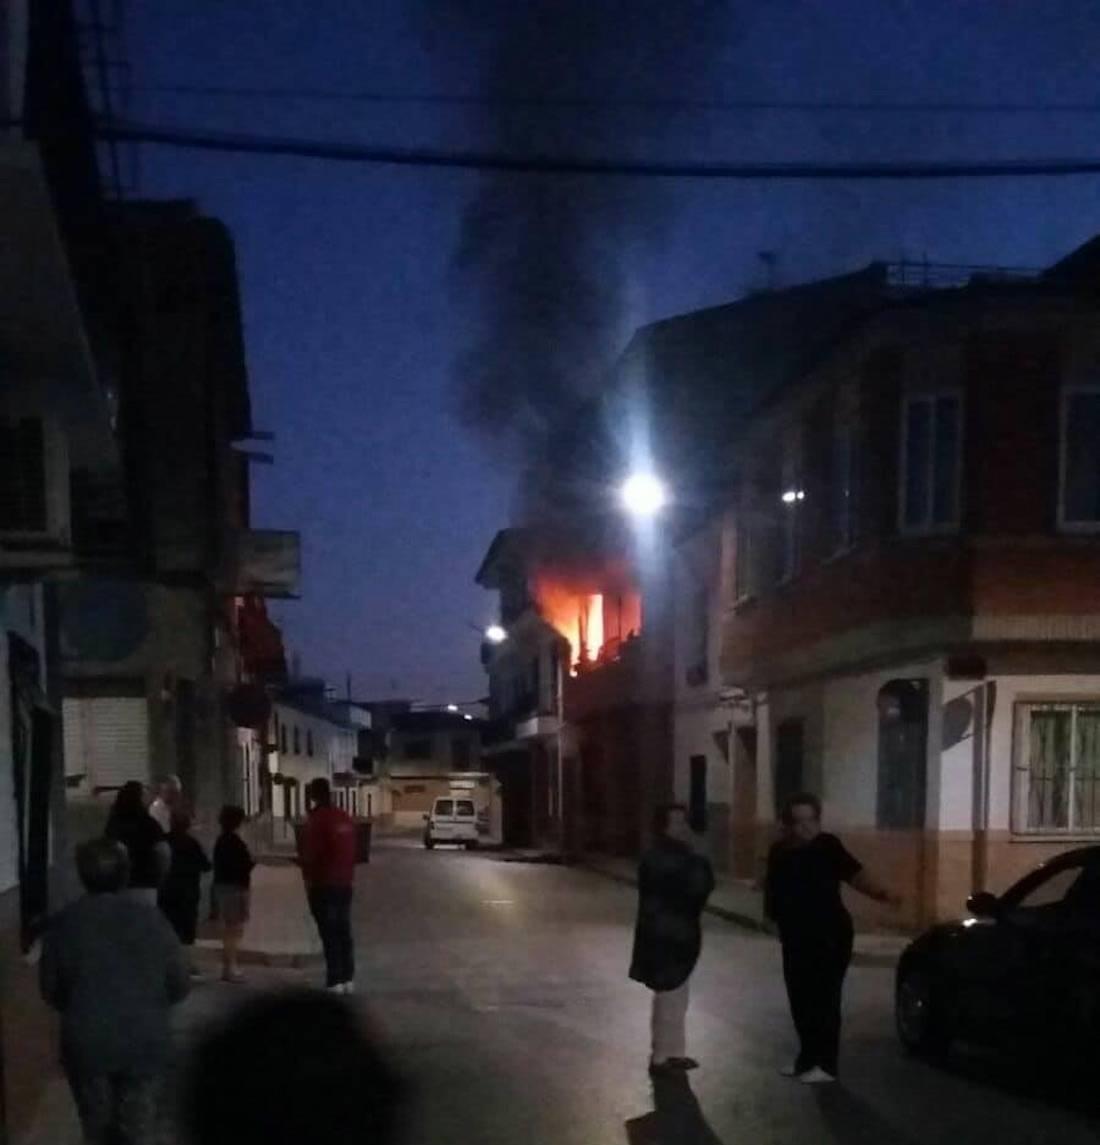 incendio calle tahona 30 herencia 1 - Declarado un incendio en la Calle Tahona de Herencia